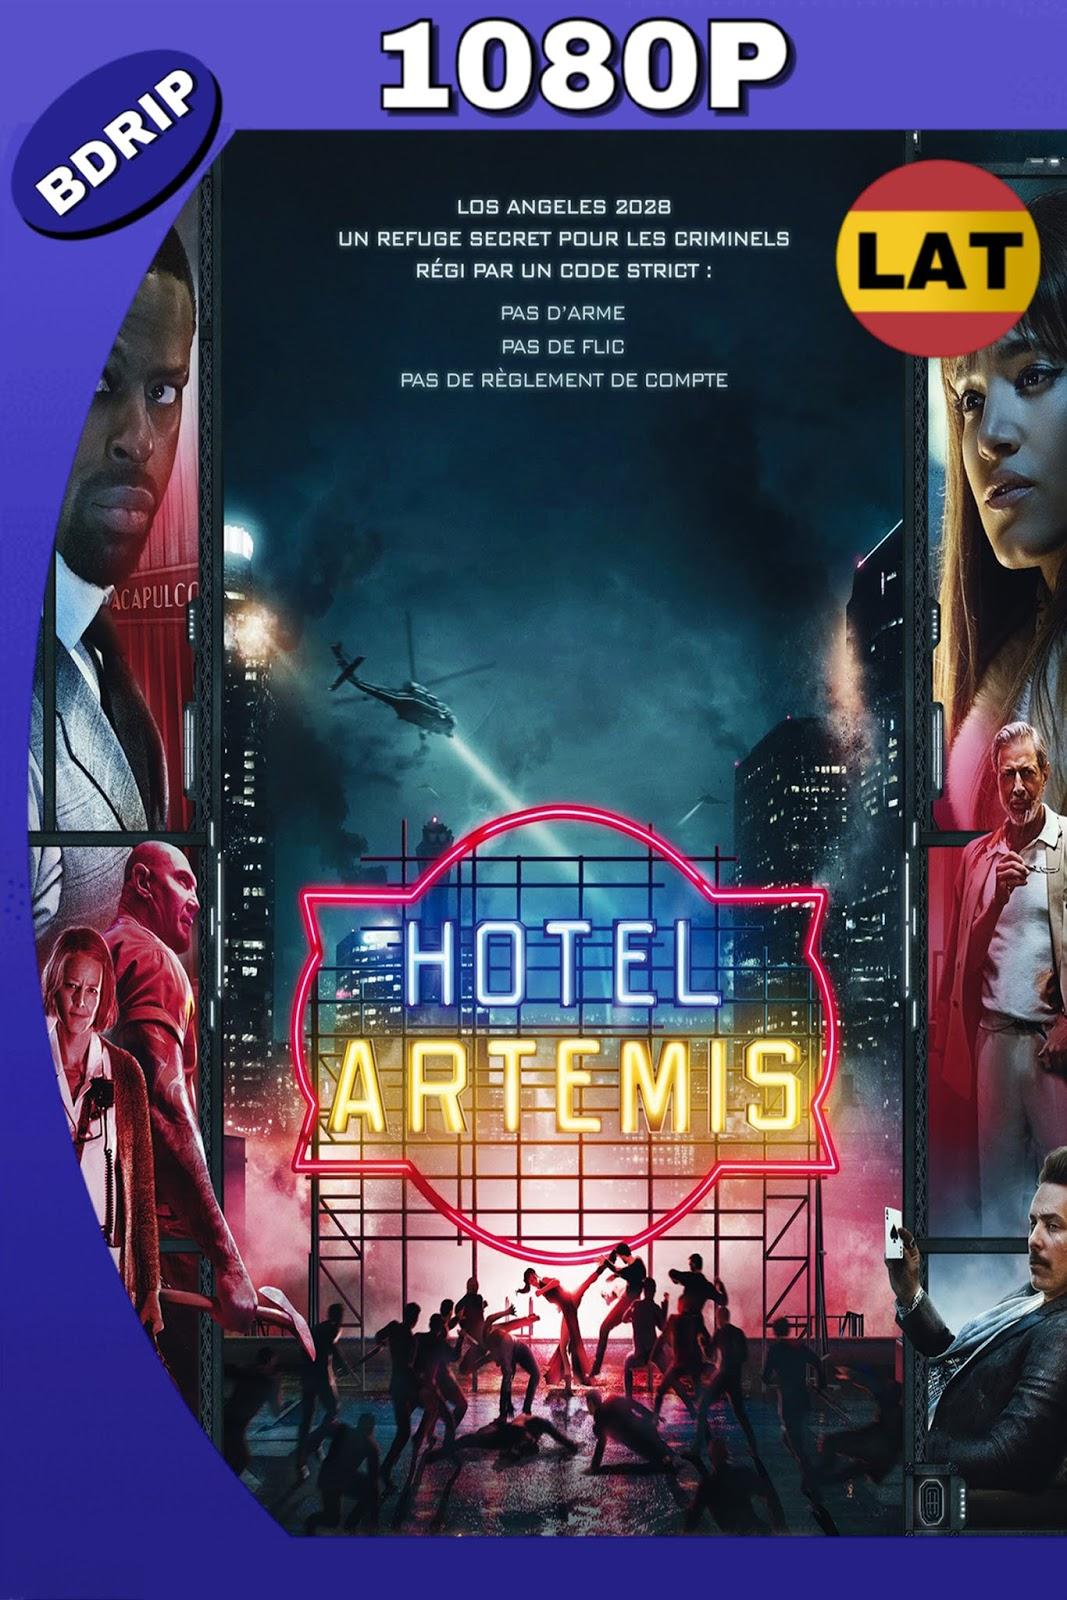 HOTEL DE CRIMINALES 2018 LAT-ING HD BDRIP 1080P 10GB.mkv